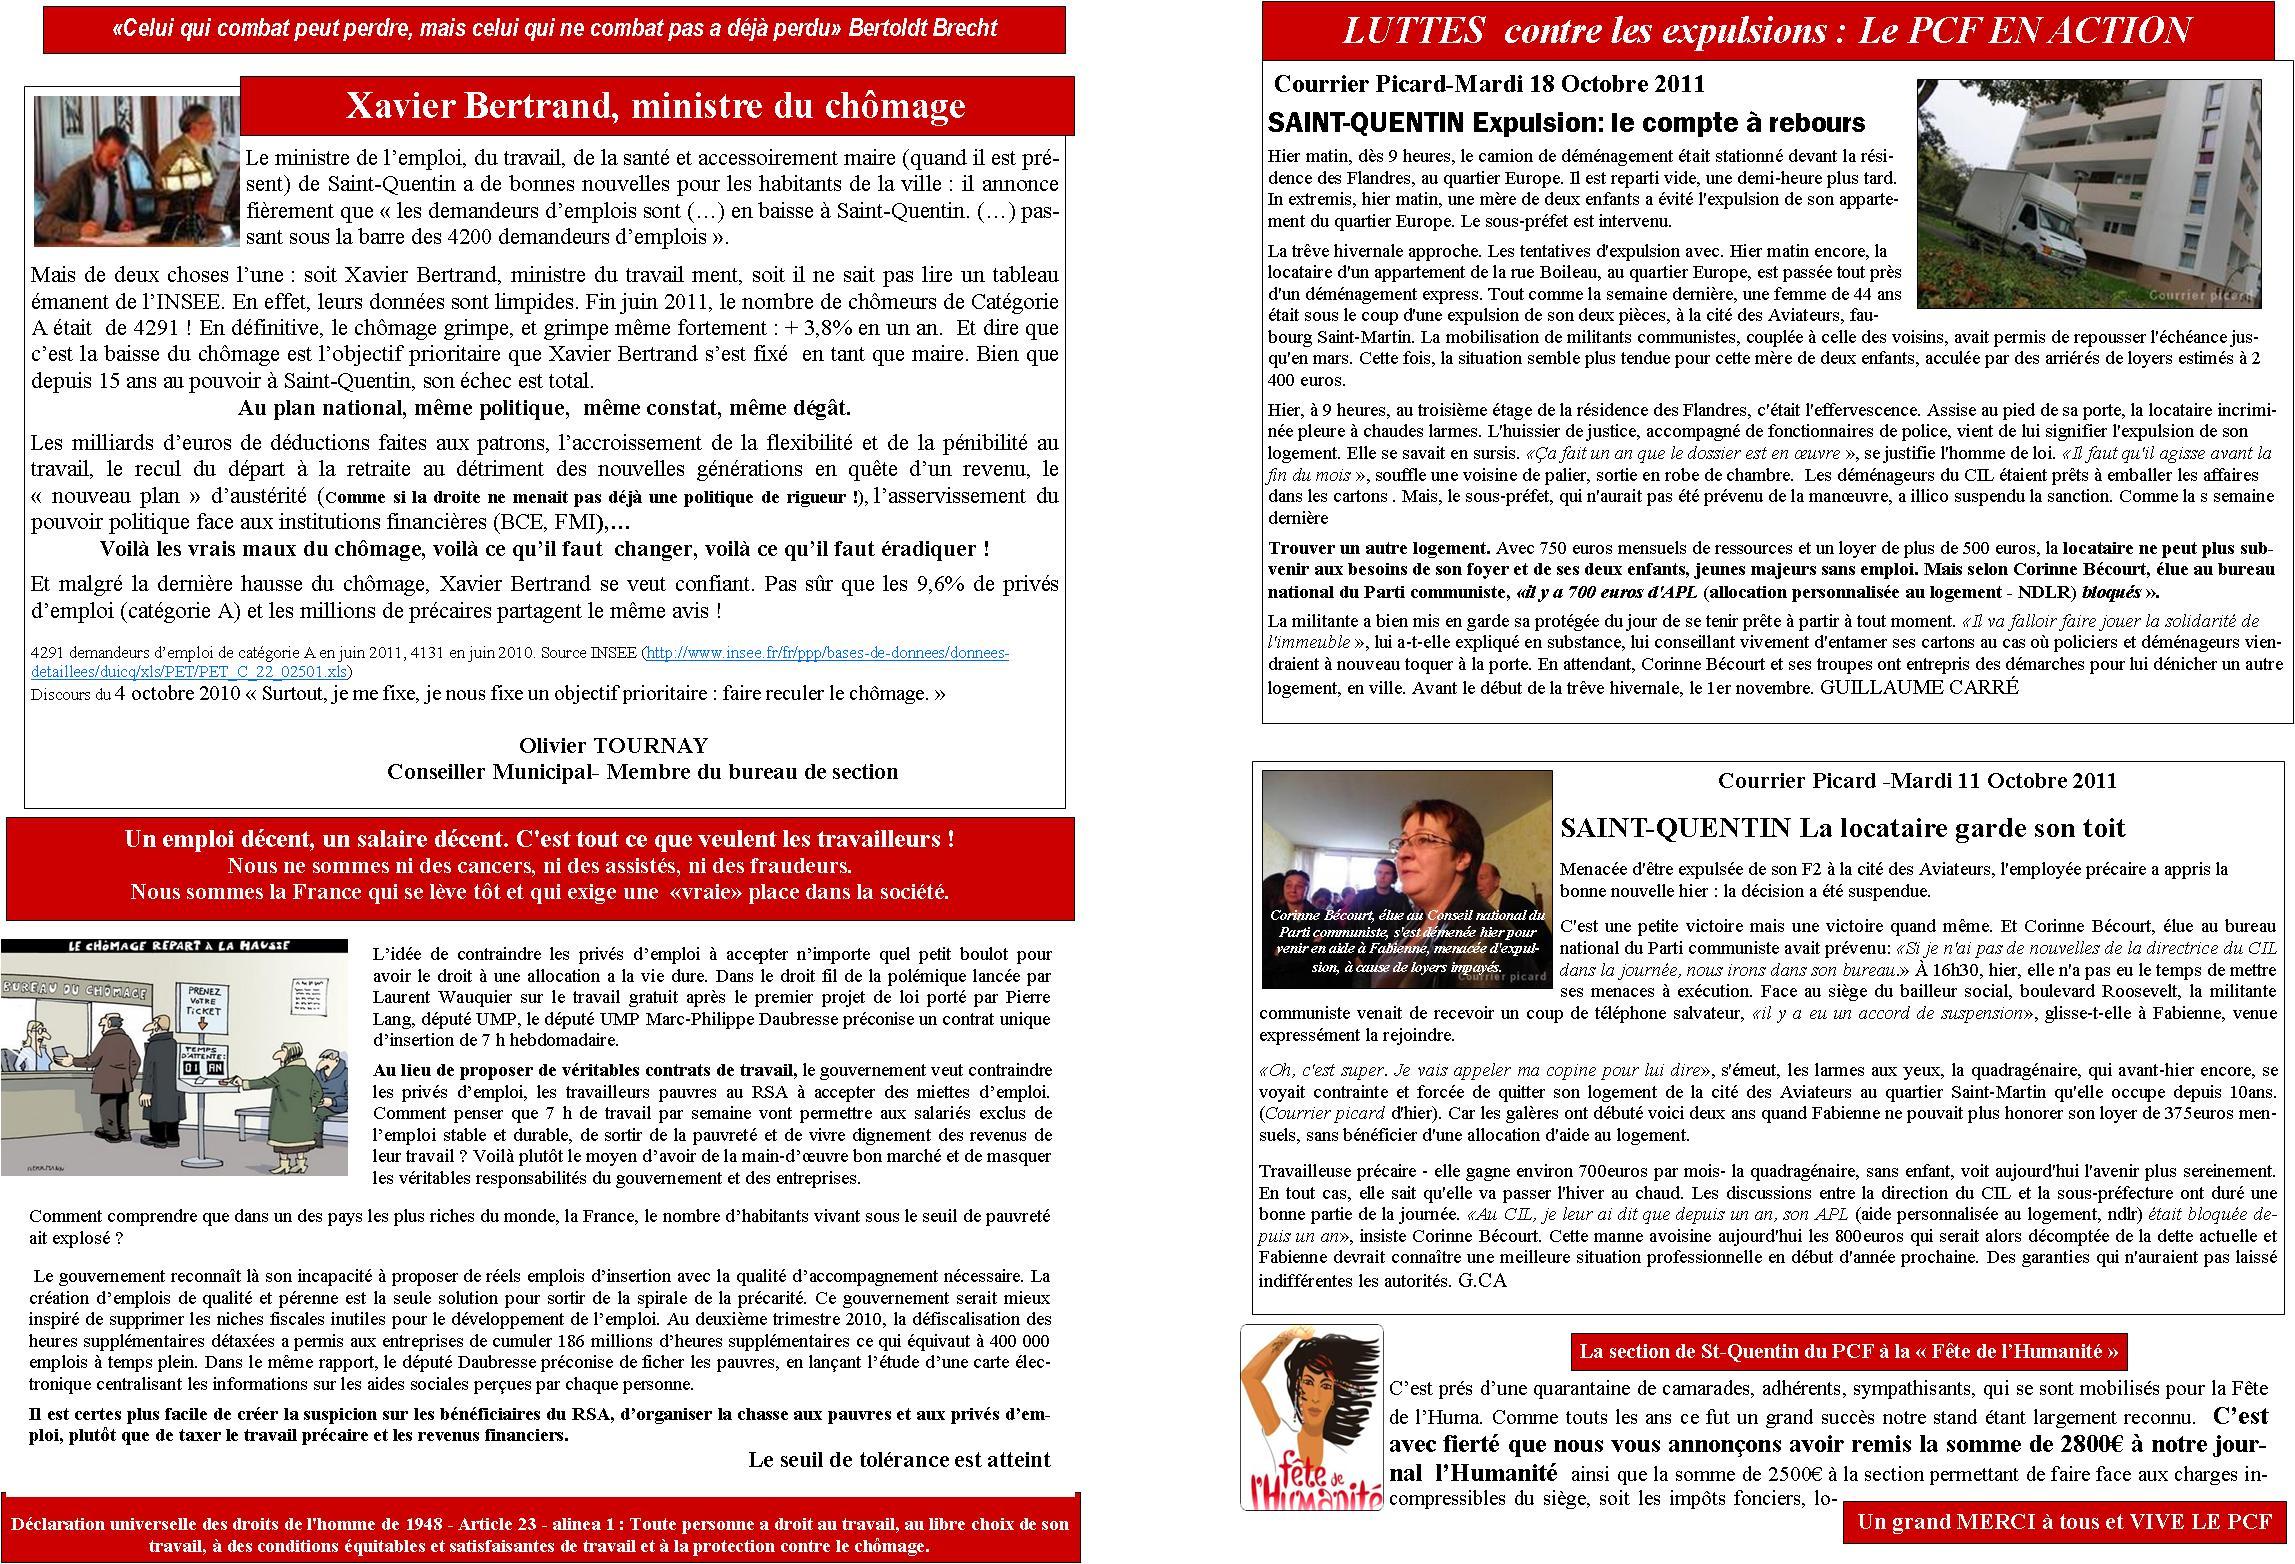 PAGE-4-ET-5 dans ELECTIONS: Un moyen pas un objectif